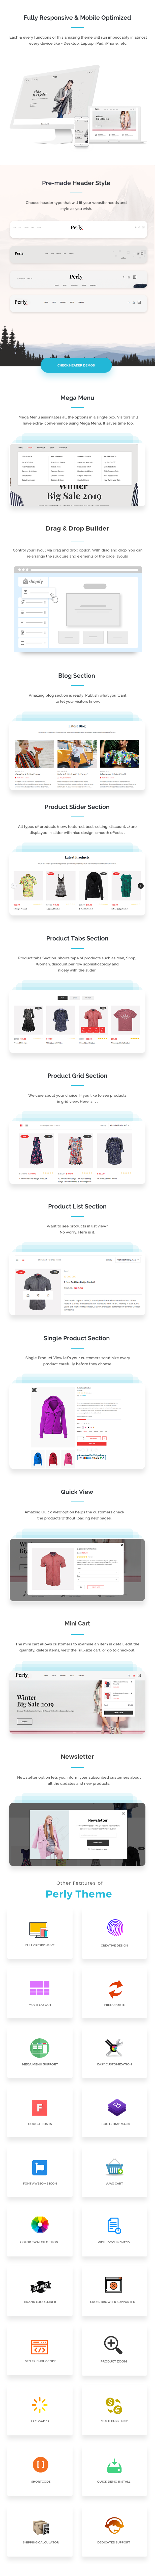 Fashion Shopify Theme - Perly - 3